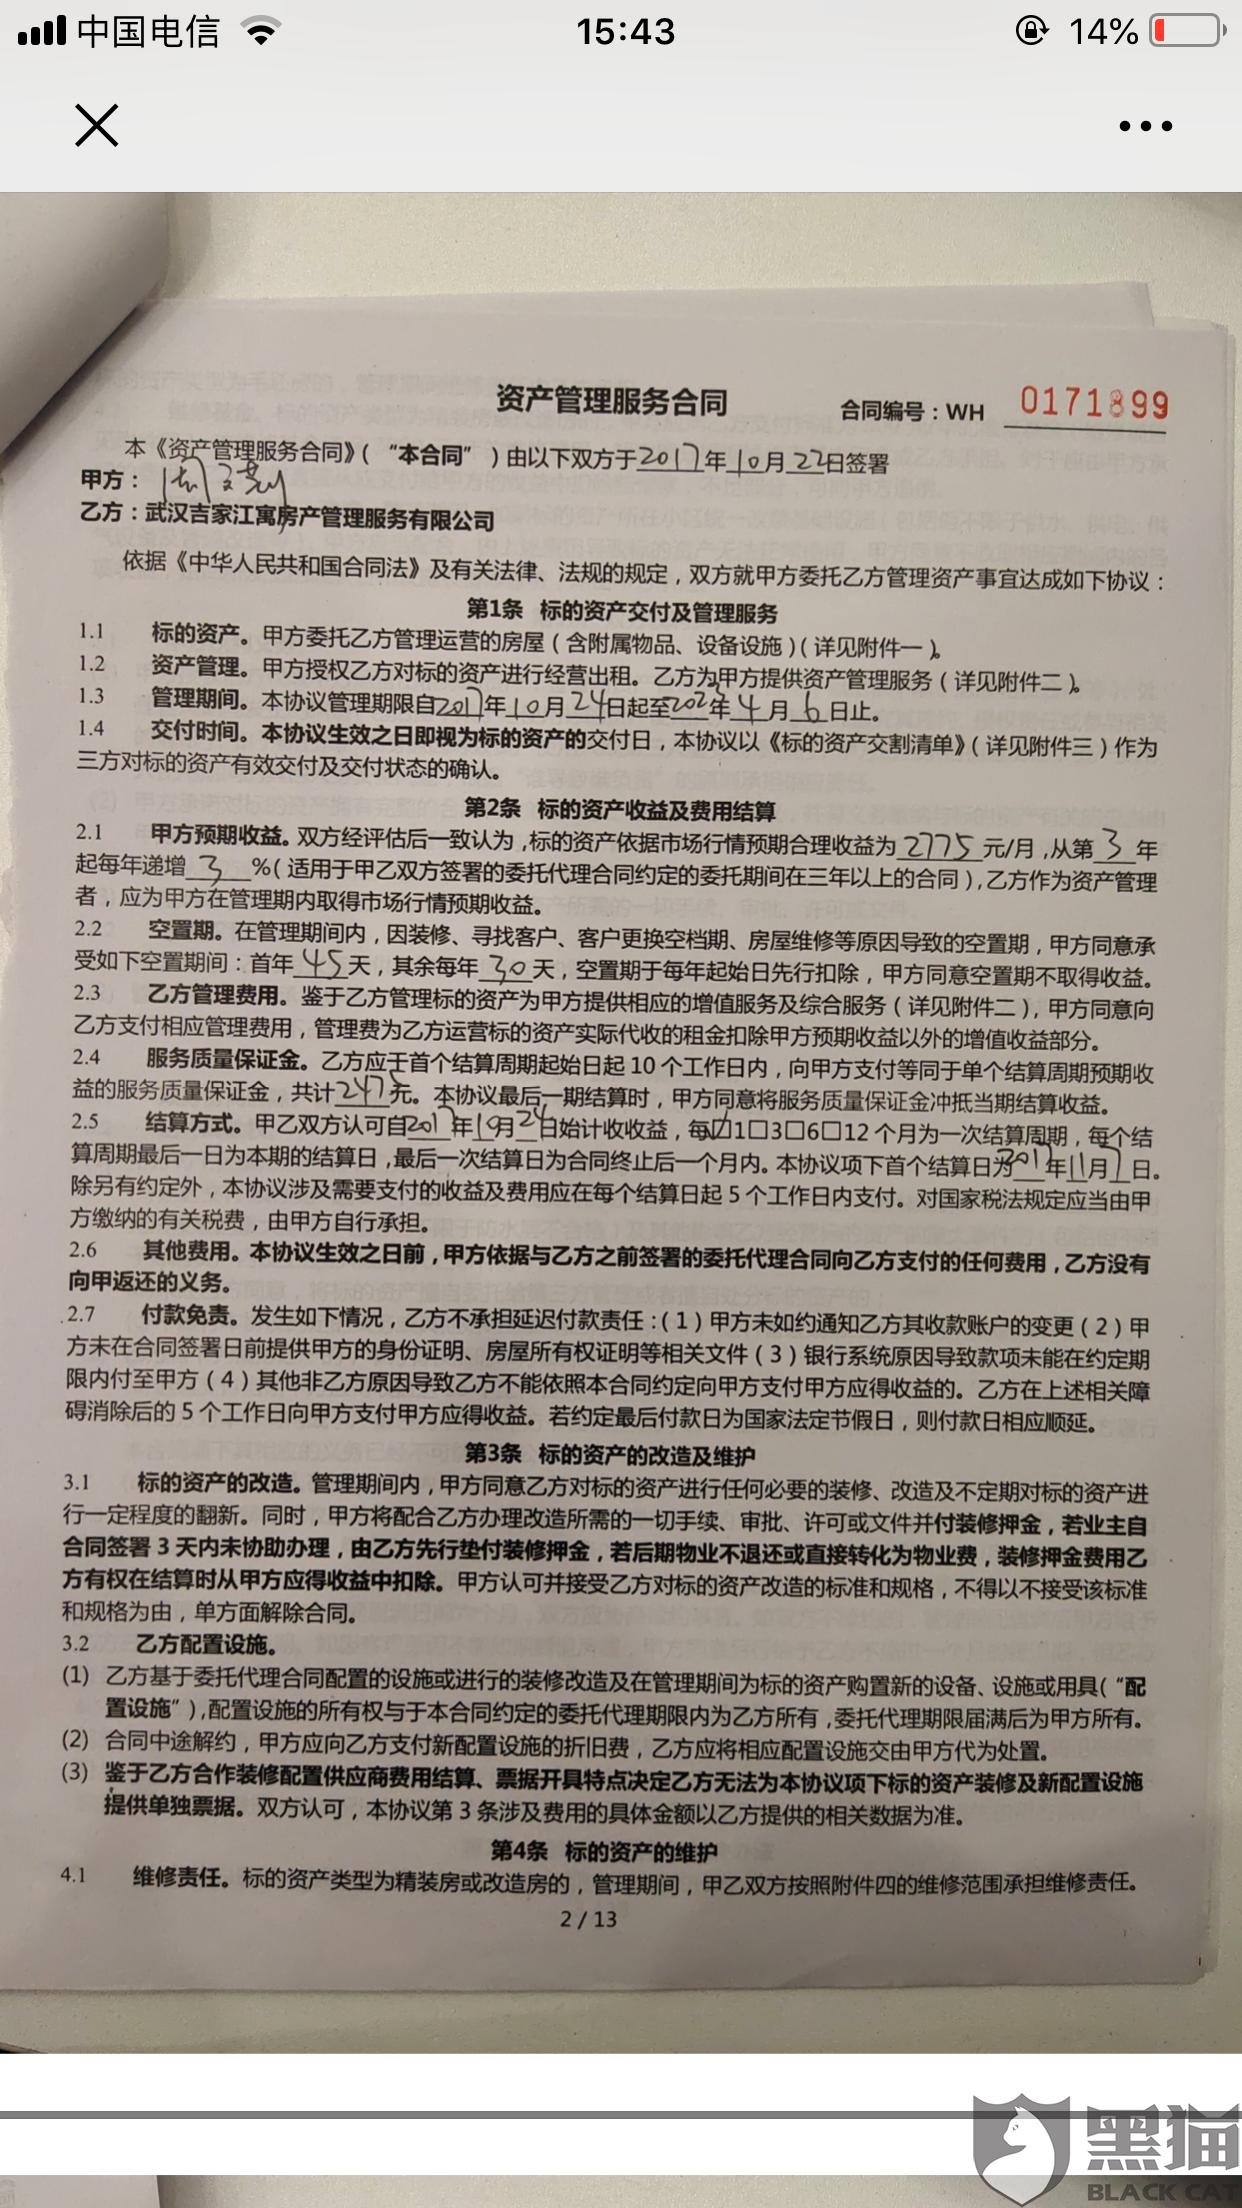 黑猫投诉:武汉江寓生活服务有限公司单方面解约拒付业主租金